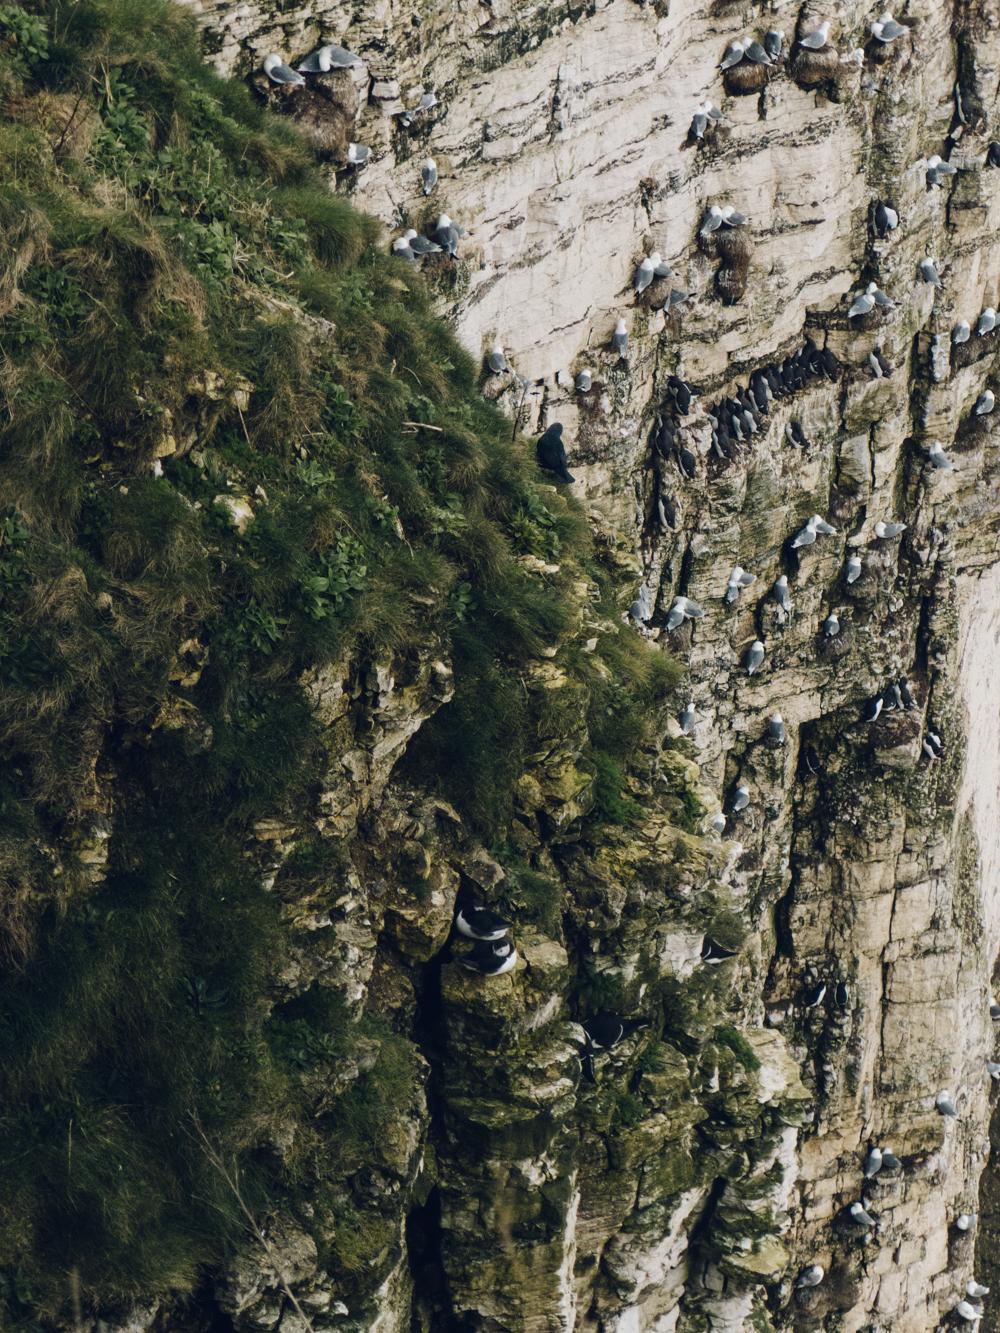 Haarkon RSPB Bird Bempton Cliff Puffins Yorkshire